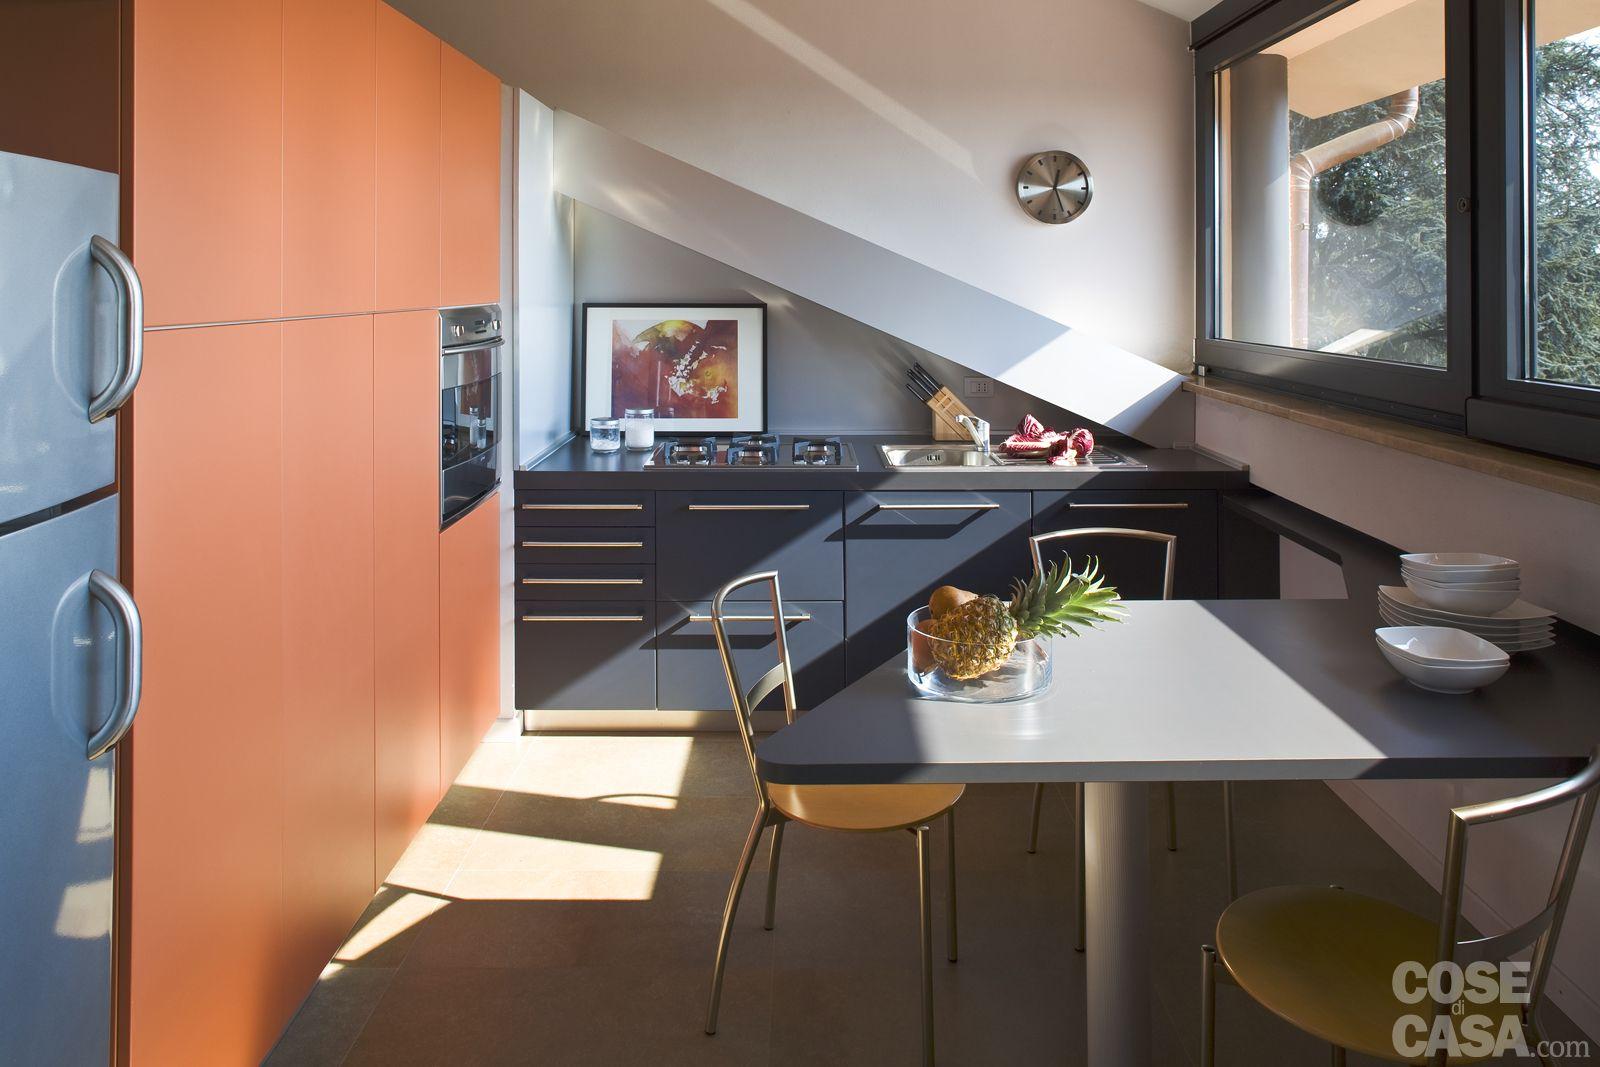 Casa in mansarda con le soluzioni giuste per gli spazi - Cucine in mansarda ...